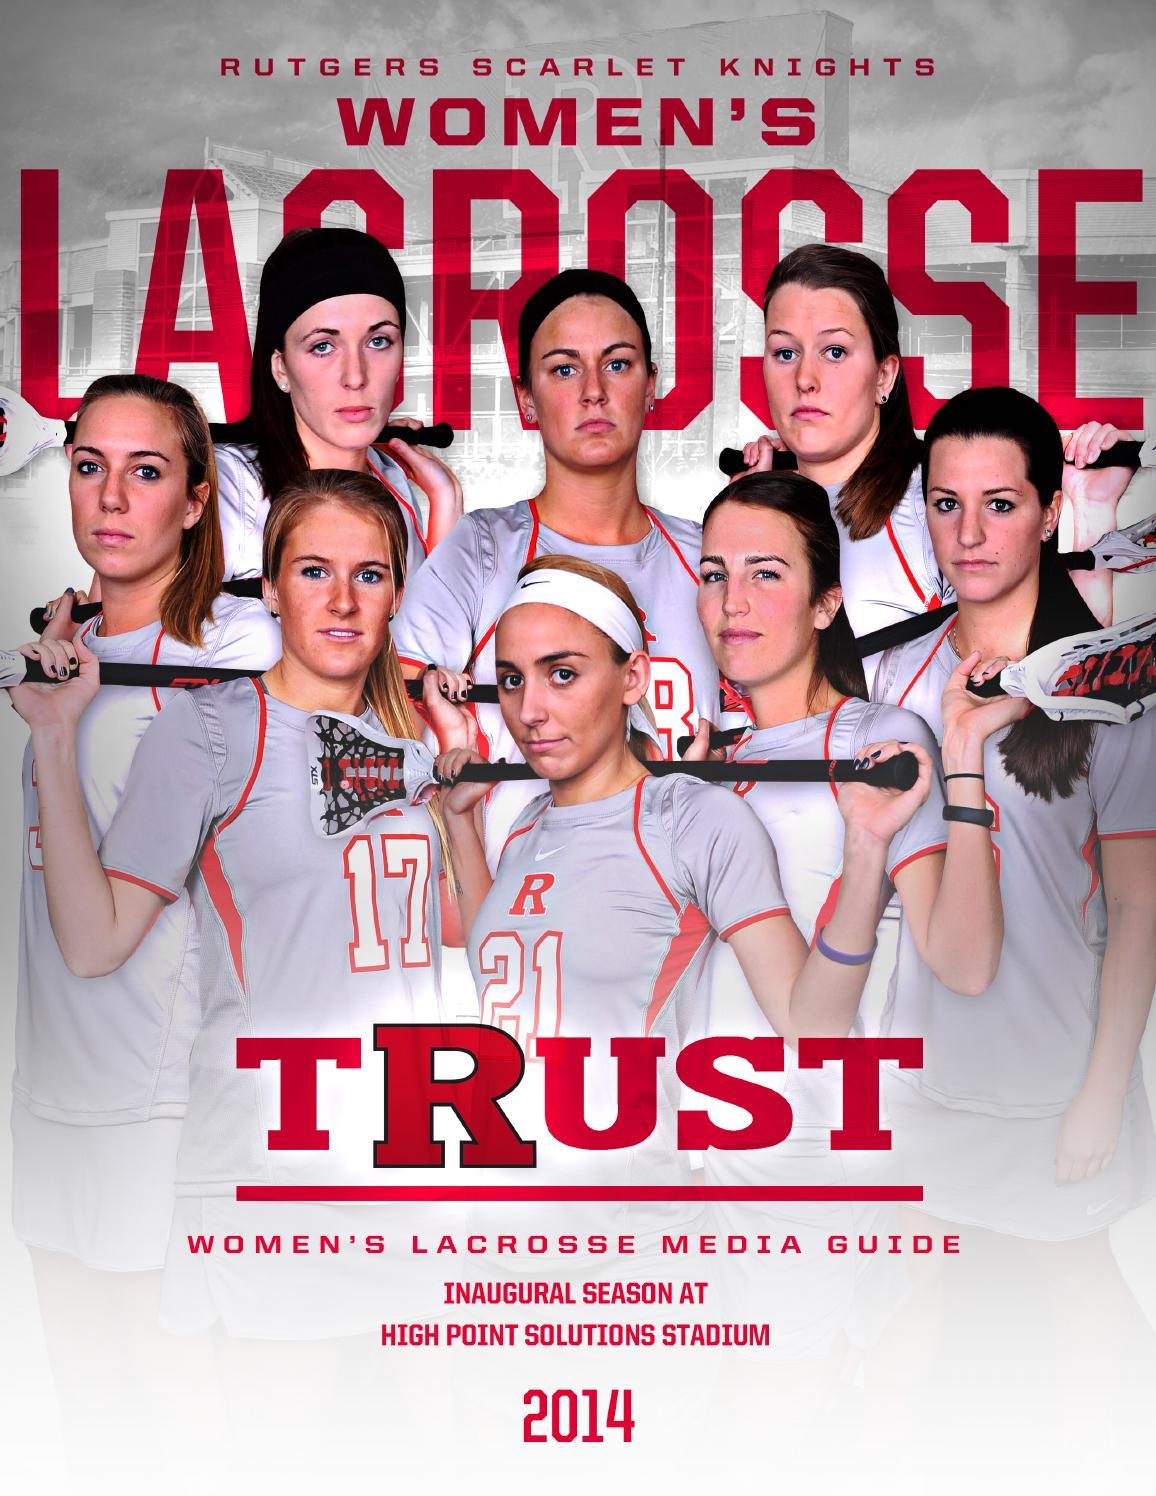 TTL Martinelli RU media guide cover.jpg